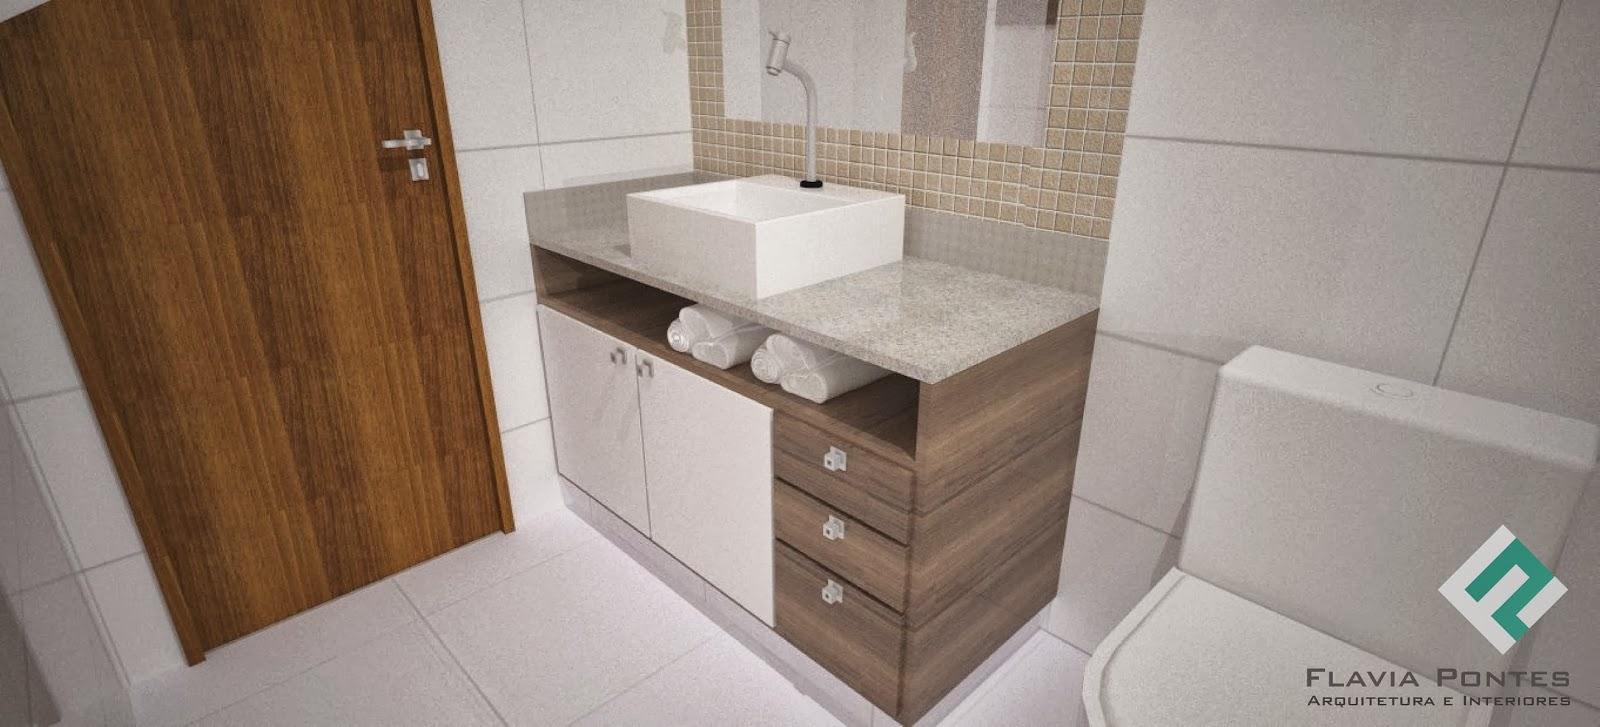 Flavia Pontes Arquitetura -> Banheiro Com Pastilha Marrom